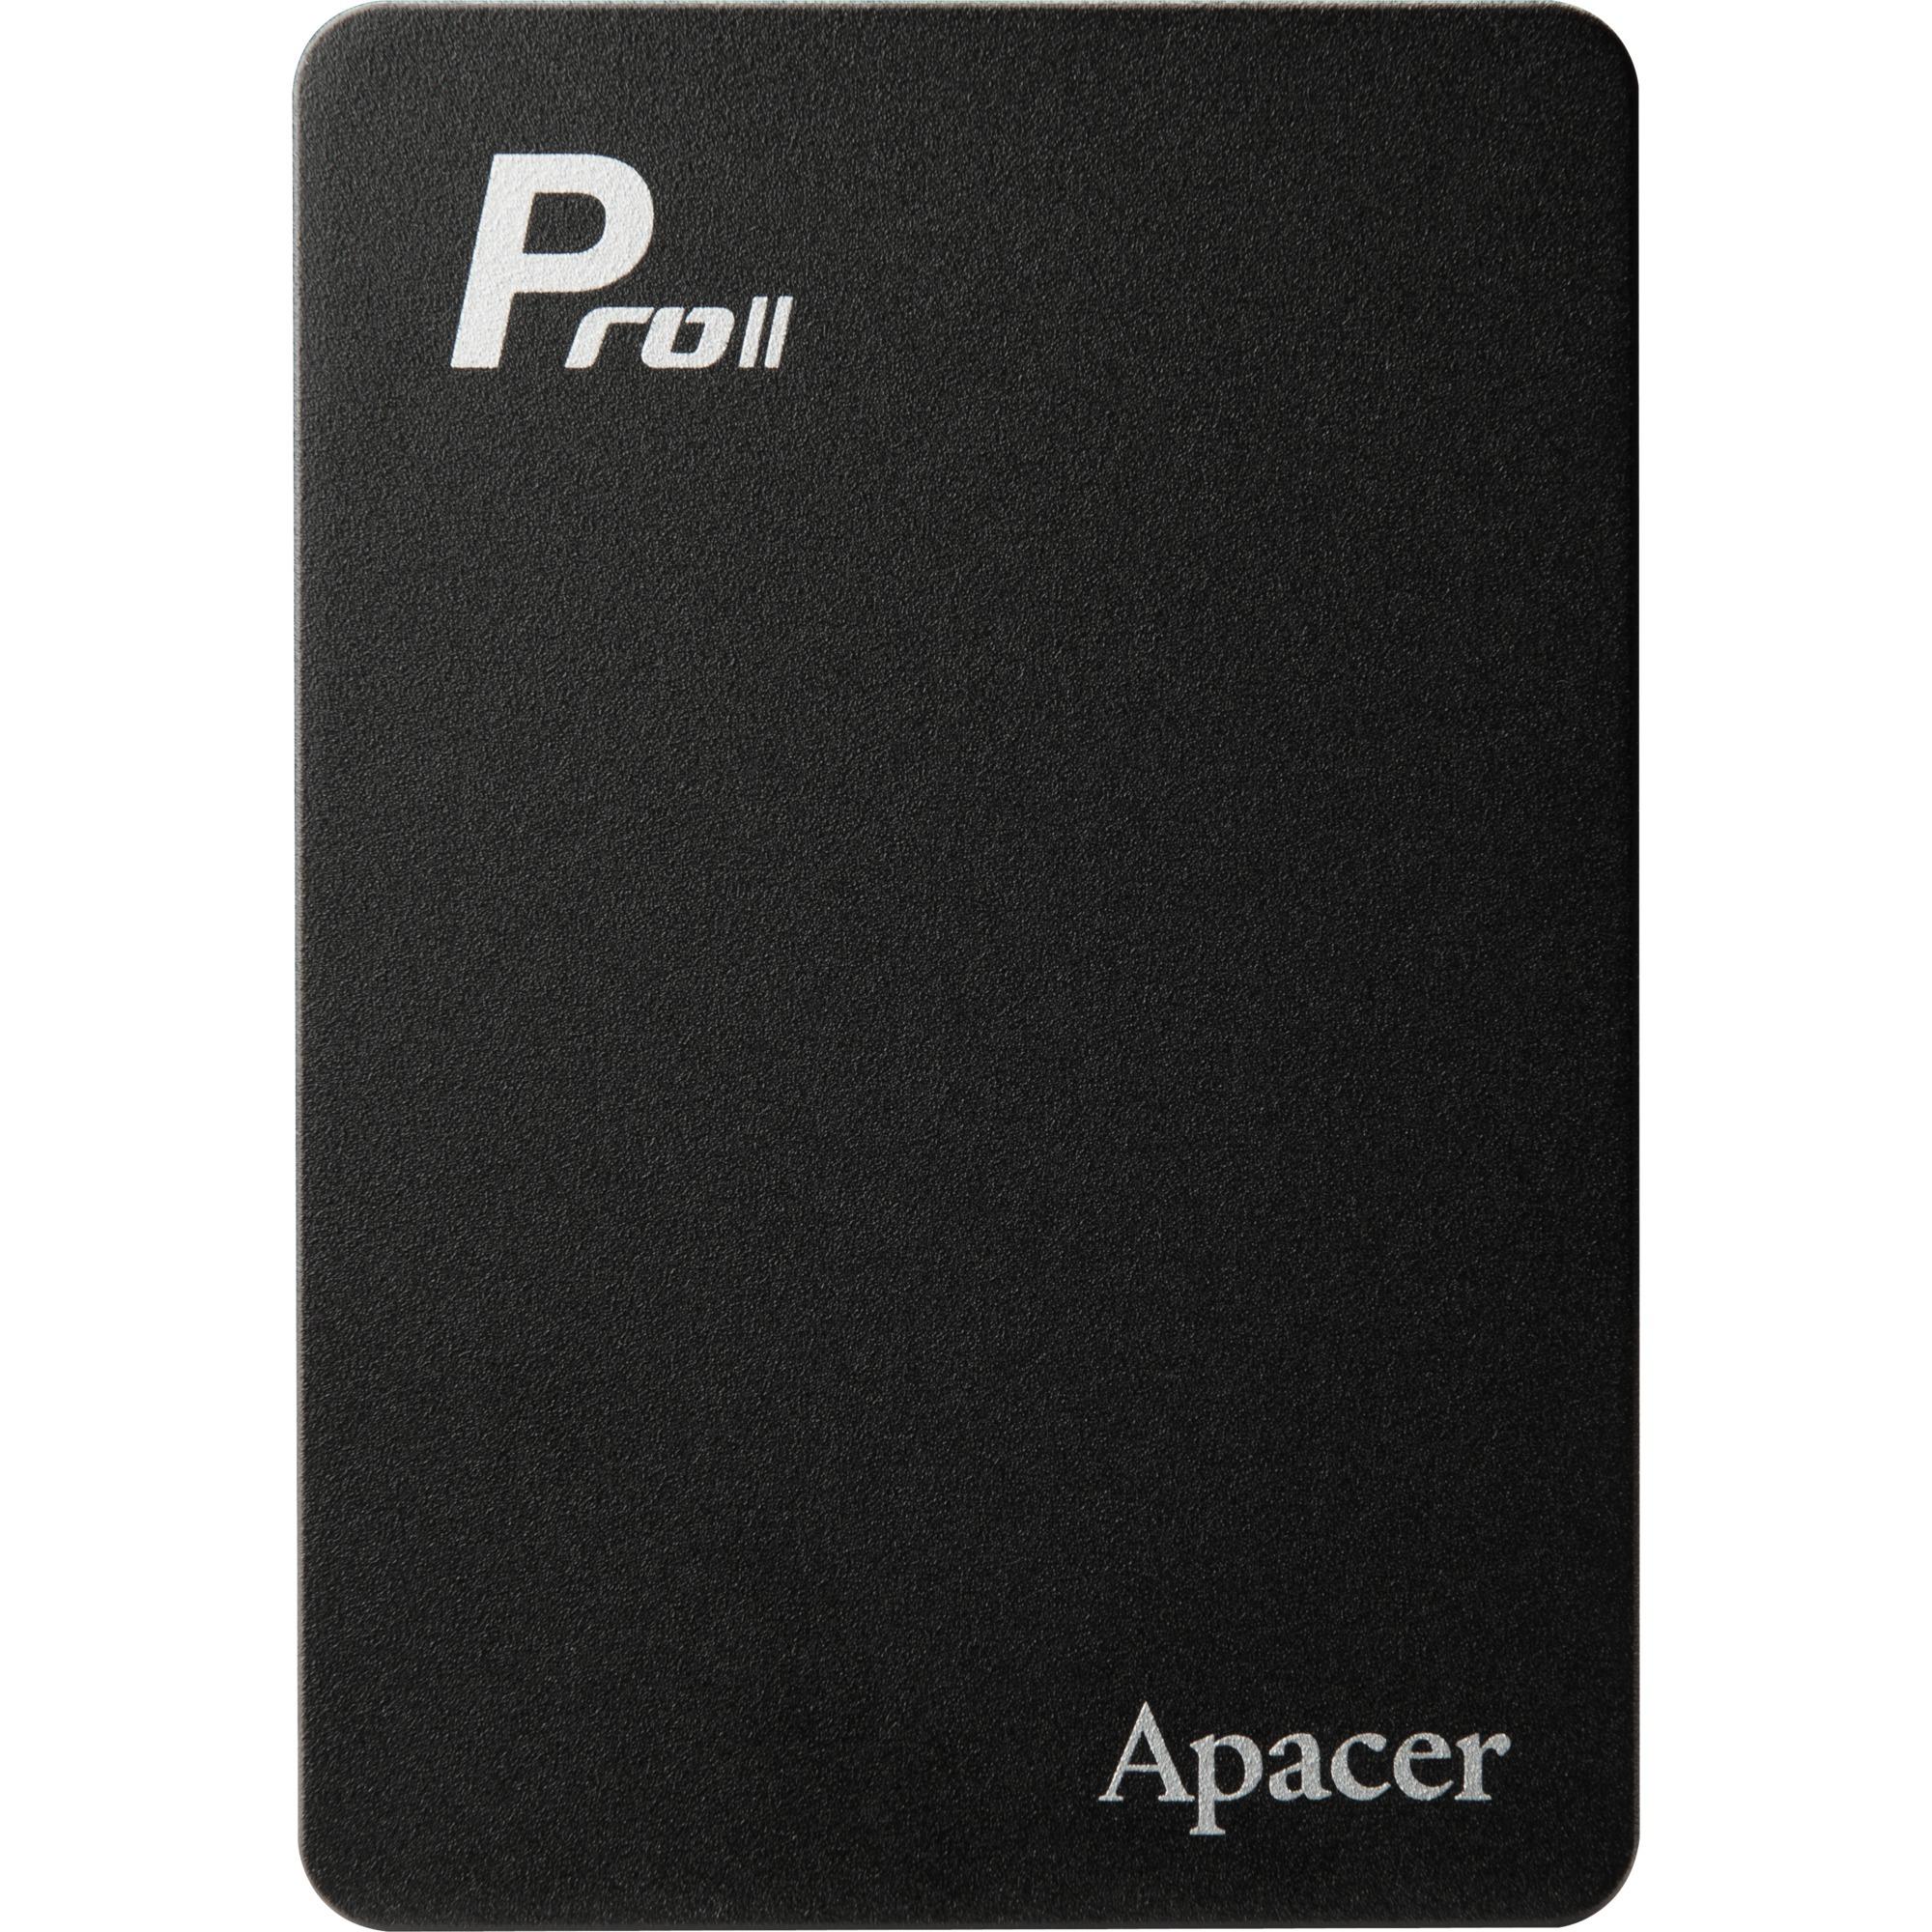 AS510S 64 GB, Unidad de estado sólido